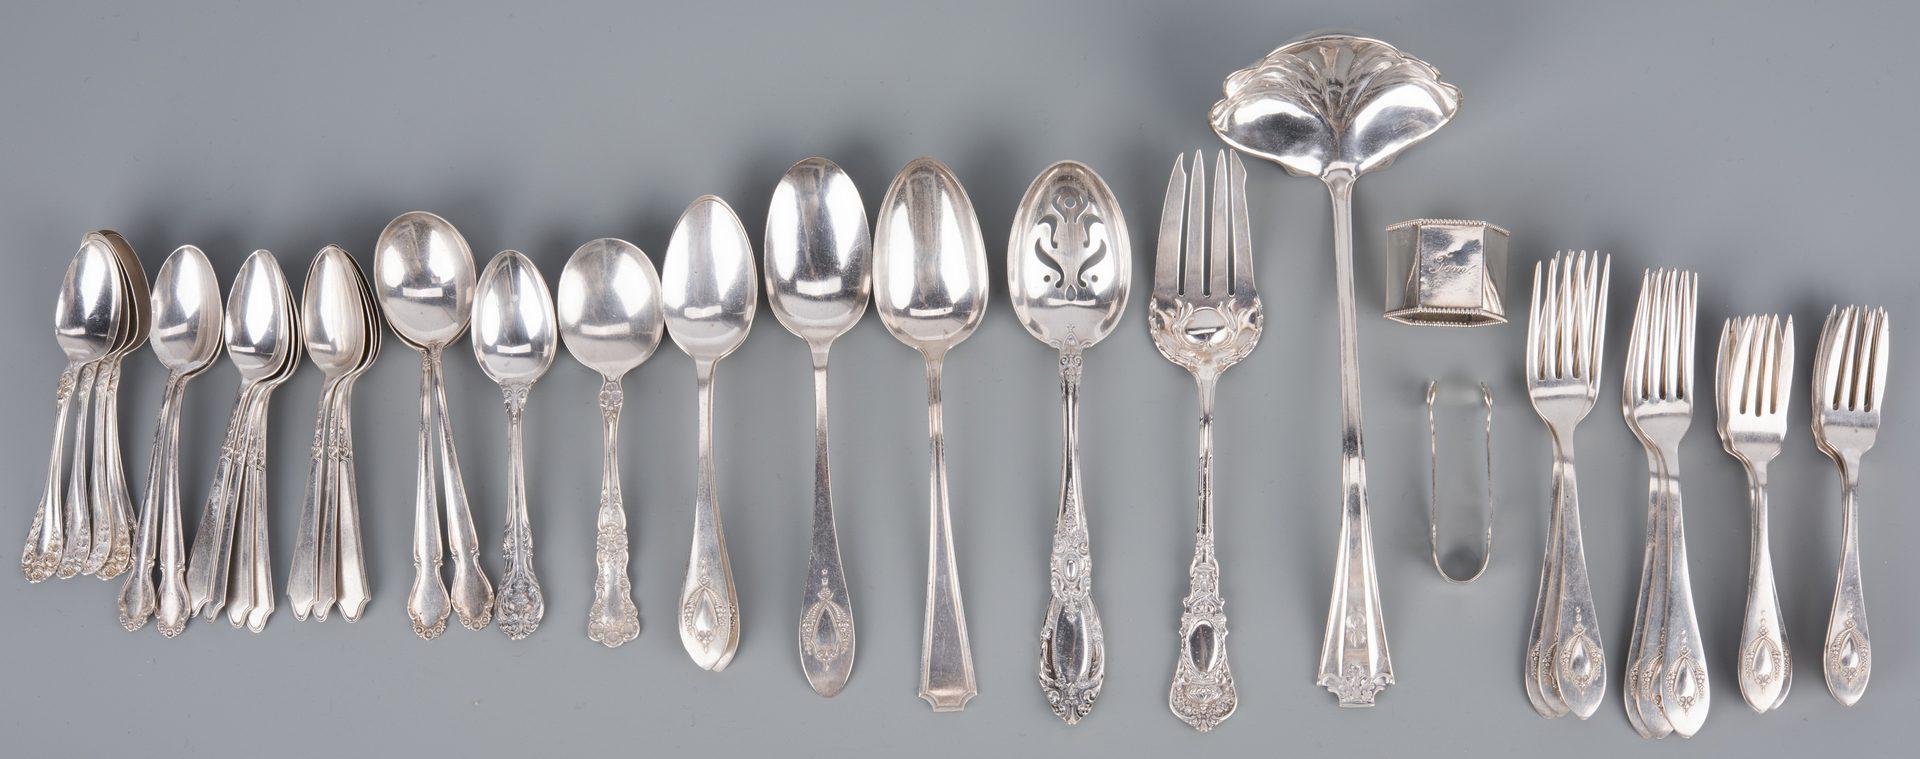 """Towle King Richard Sterling Silver Round Bowl Soup Spoon 6 1//8/"""" No Mono"""